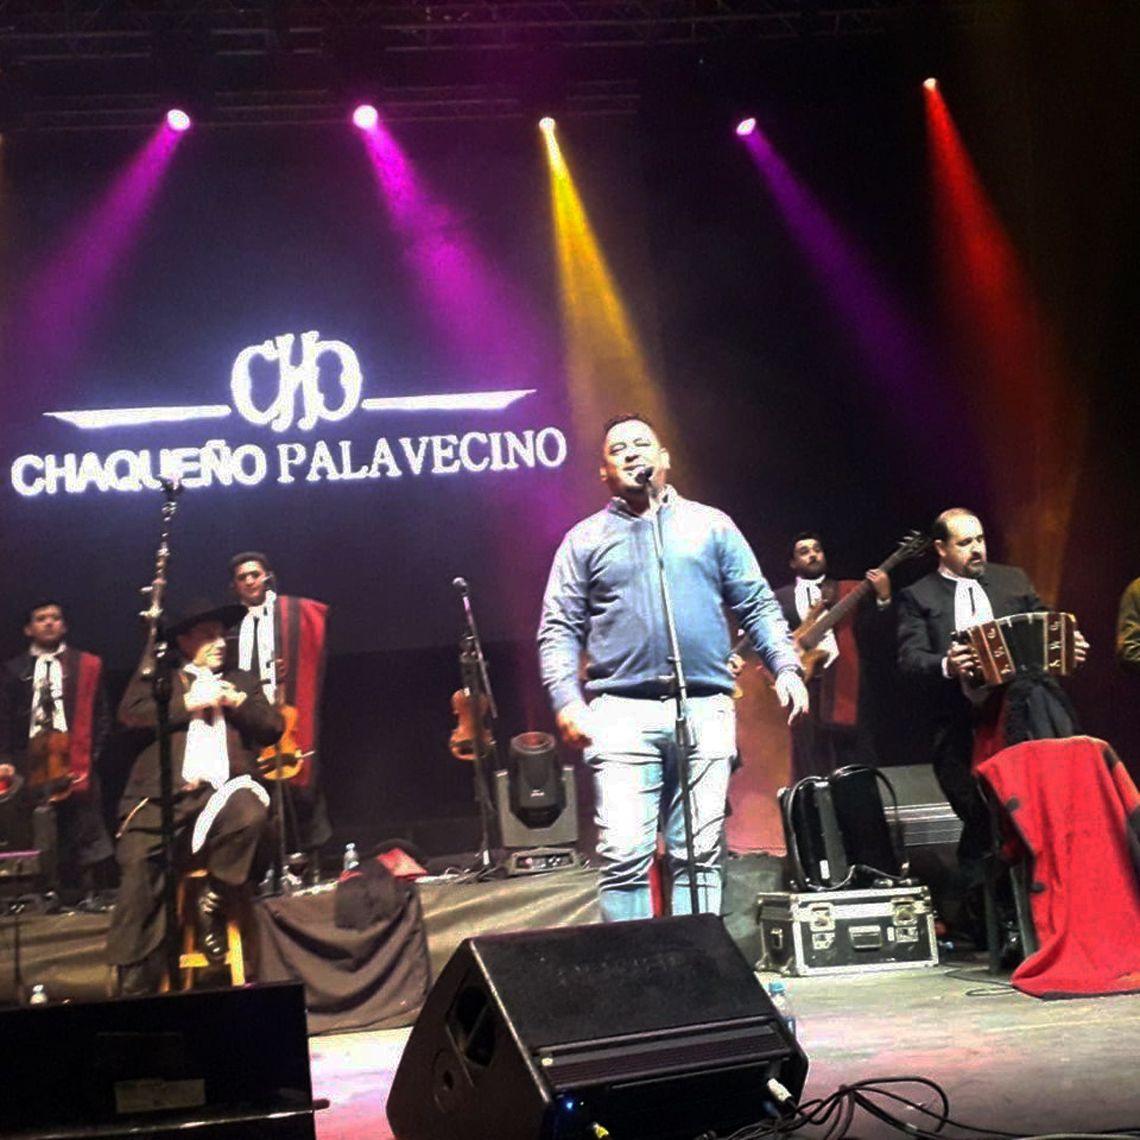 Video | Así fue el maltrato del Chaqueño Palavecino contra un músico